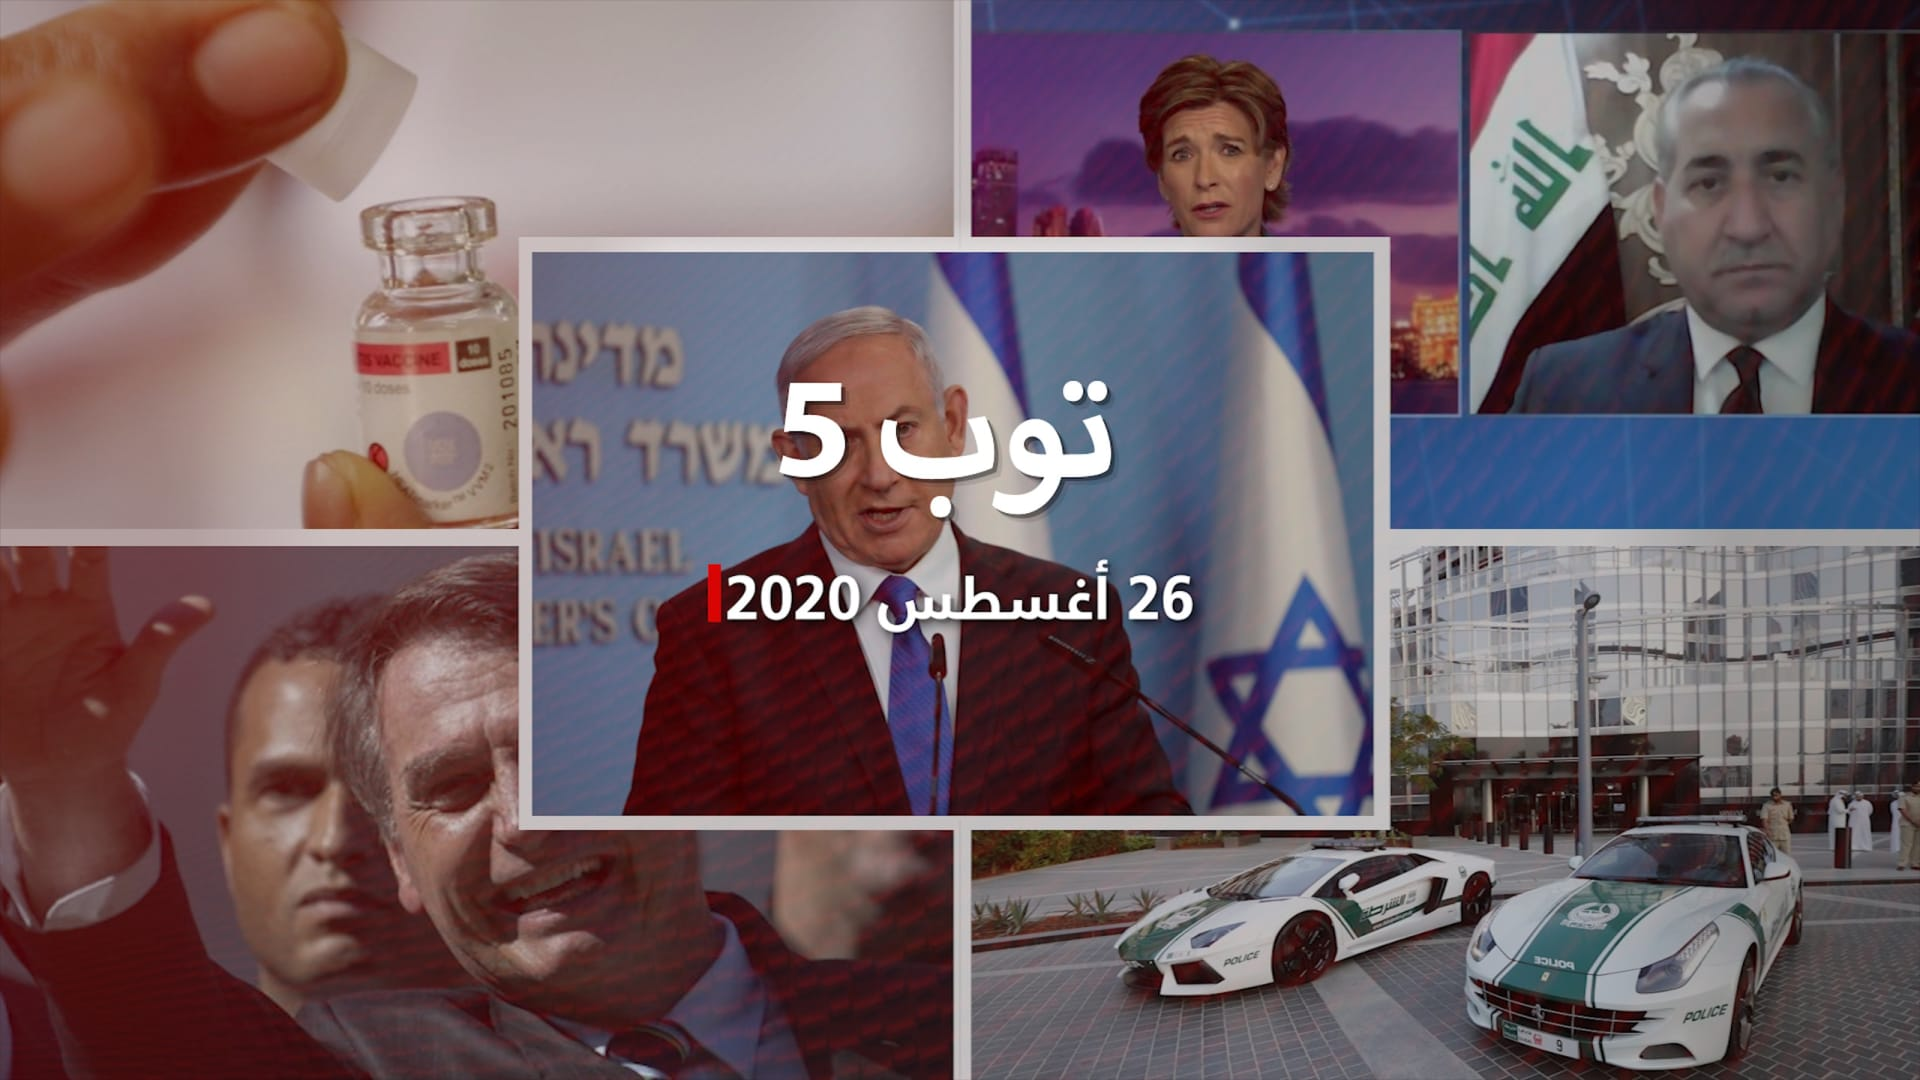 """توب 5: نتنياهو يهدد حزب الله بـ""""القوة الضاربة"""".. وكورونا """"تحت السيطرة"""" في العراق"""